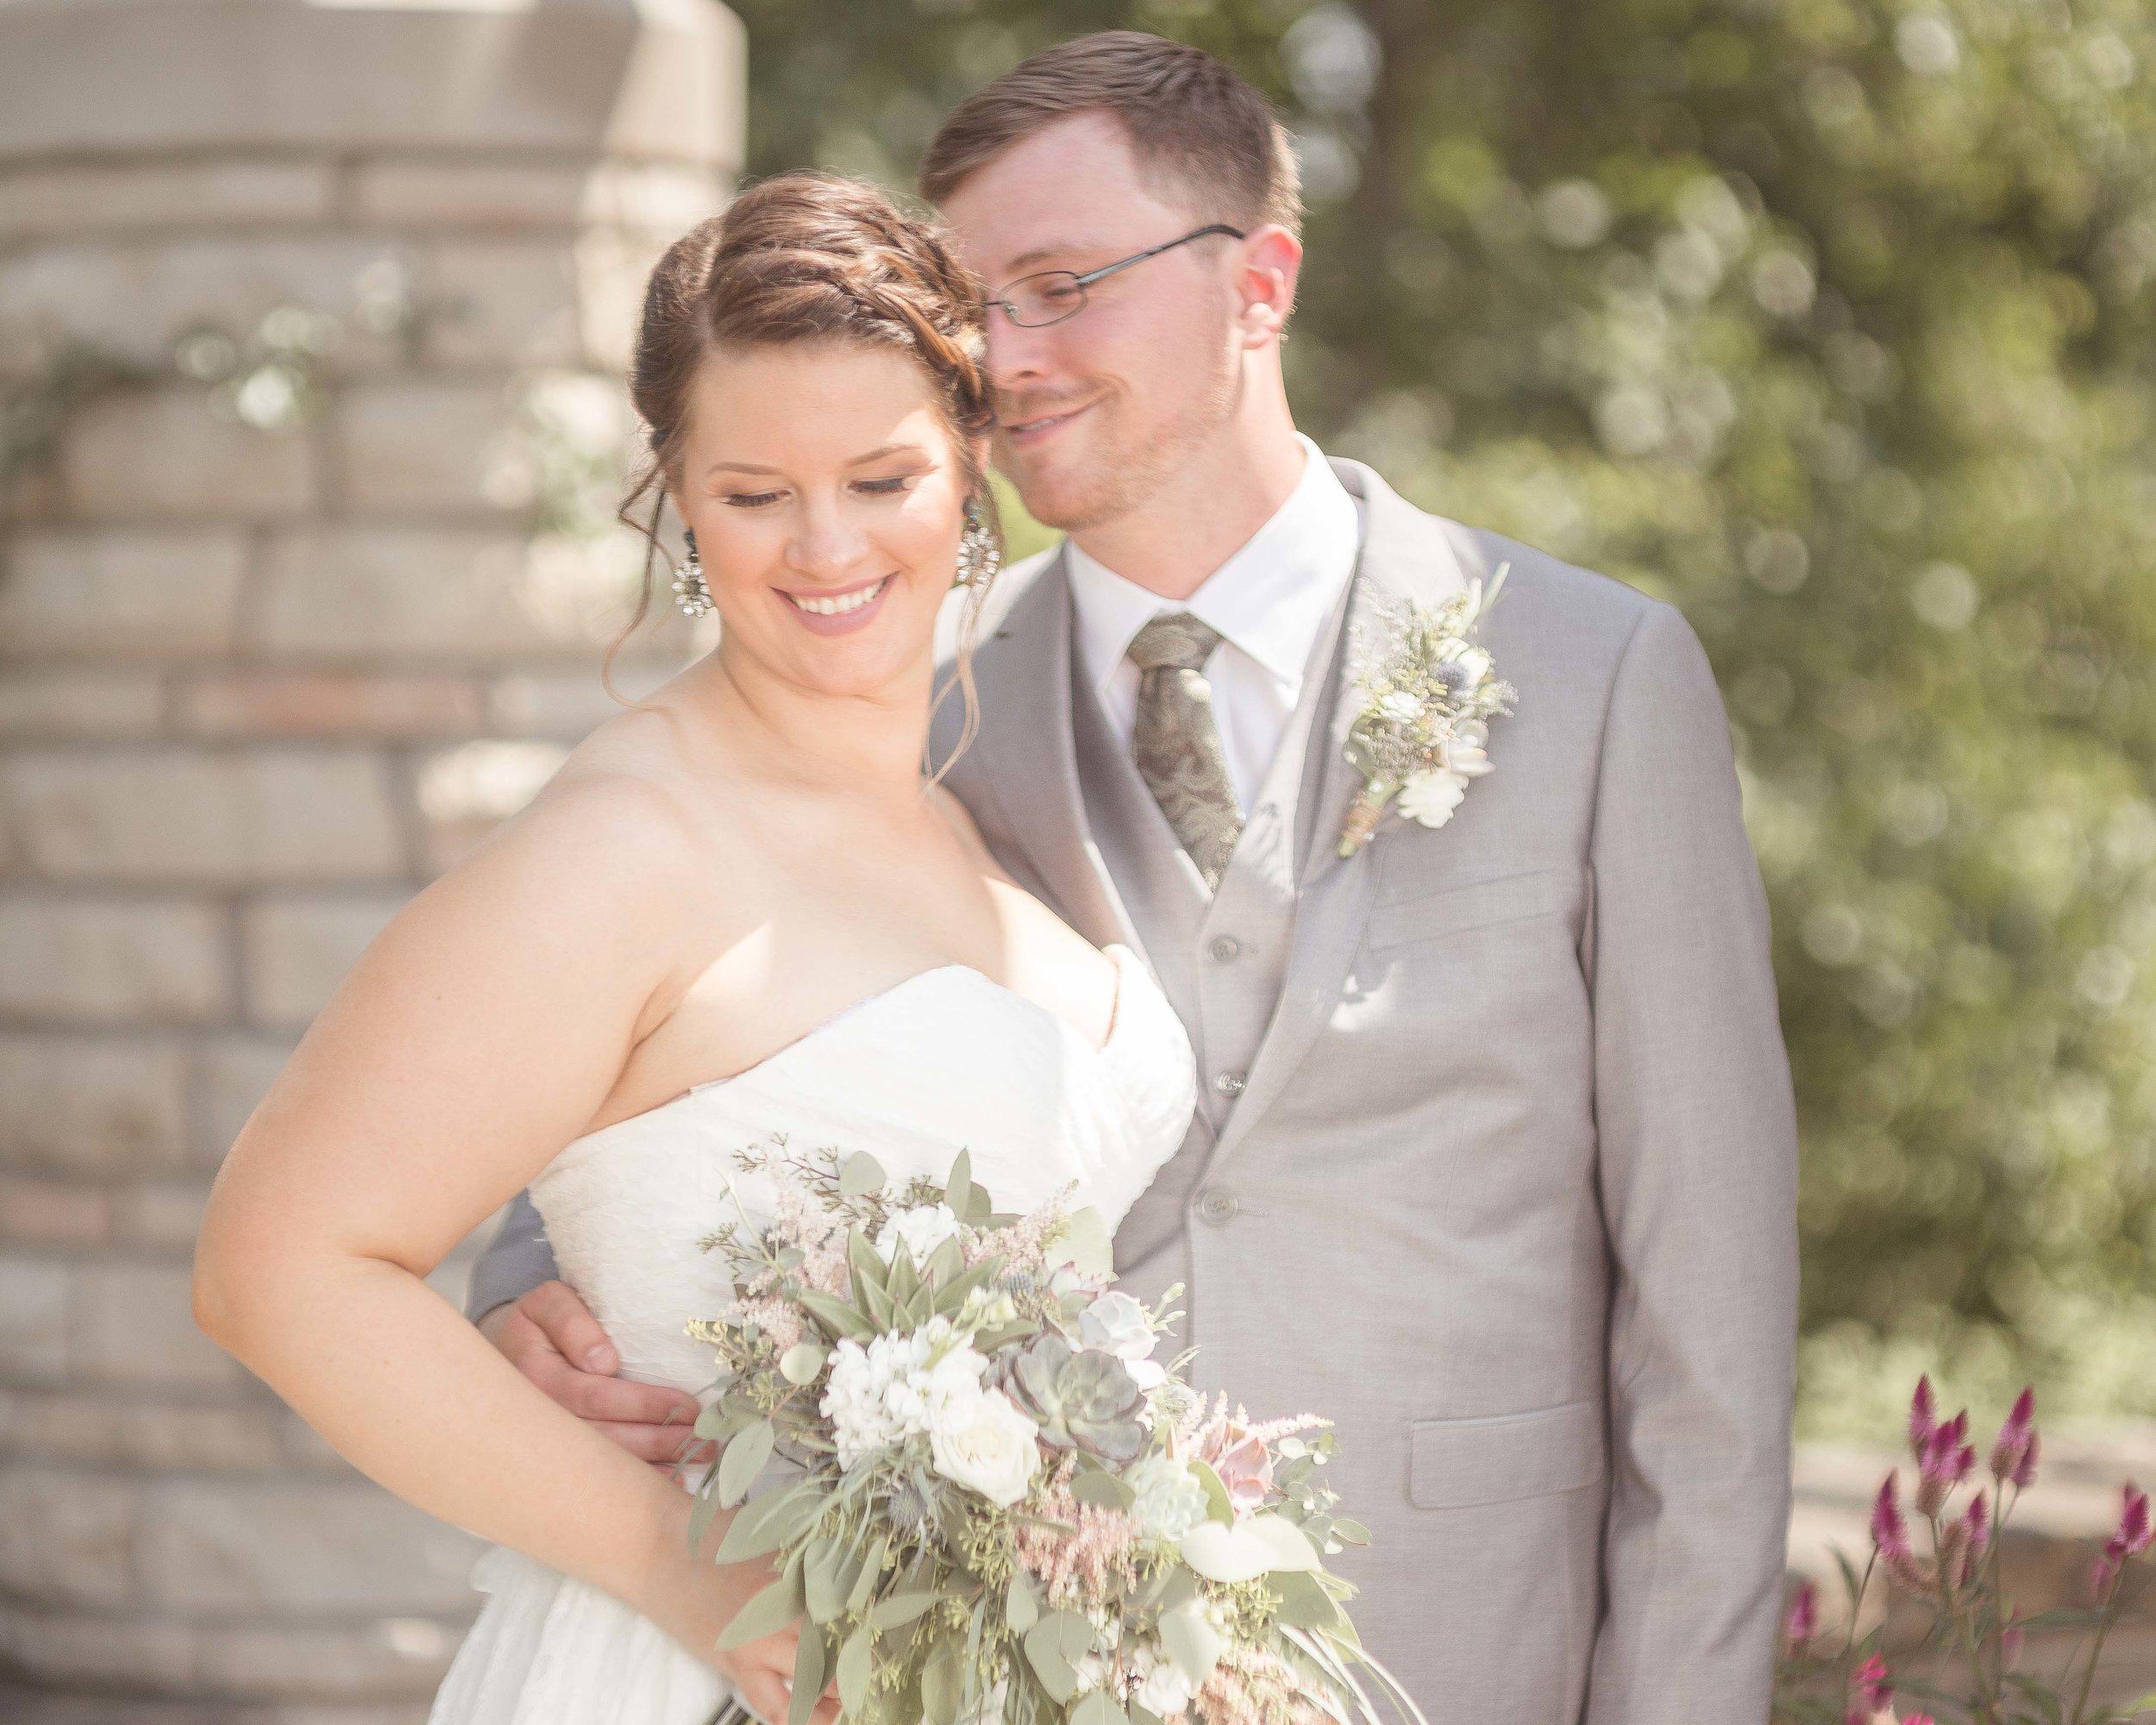 C_Wedding_Sarver, Alyssa & Scott_08.04.18-149.jpg